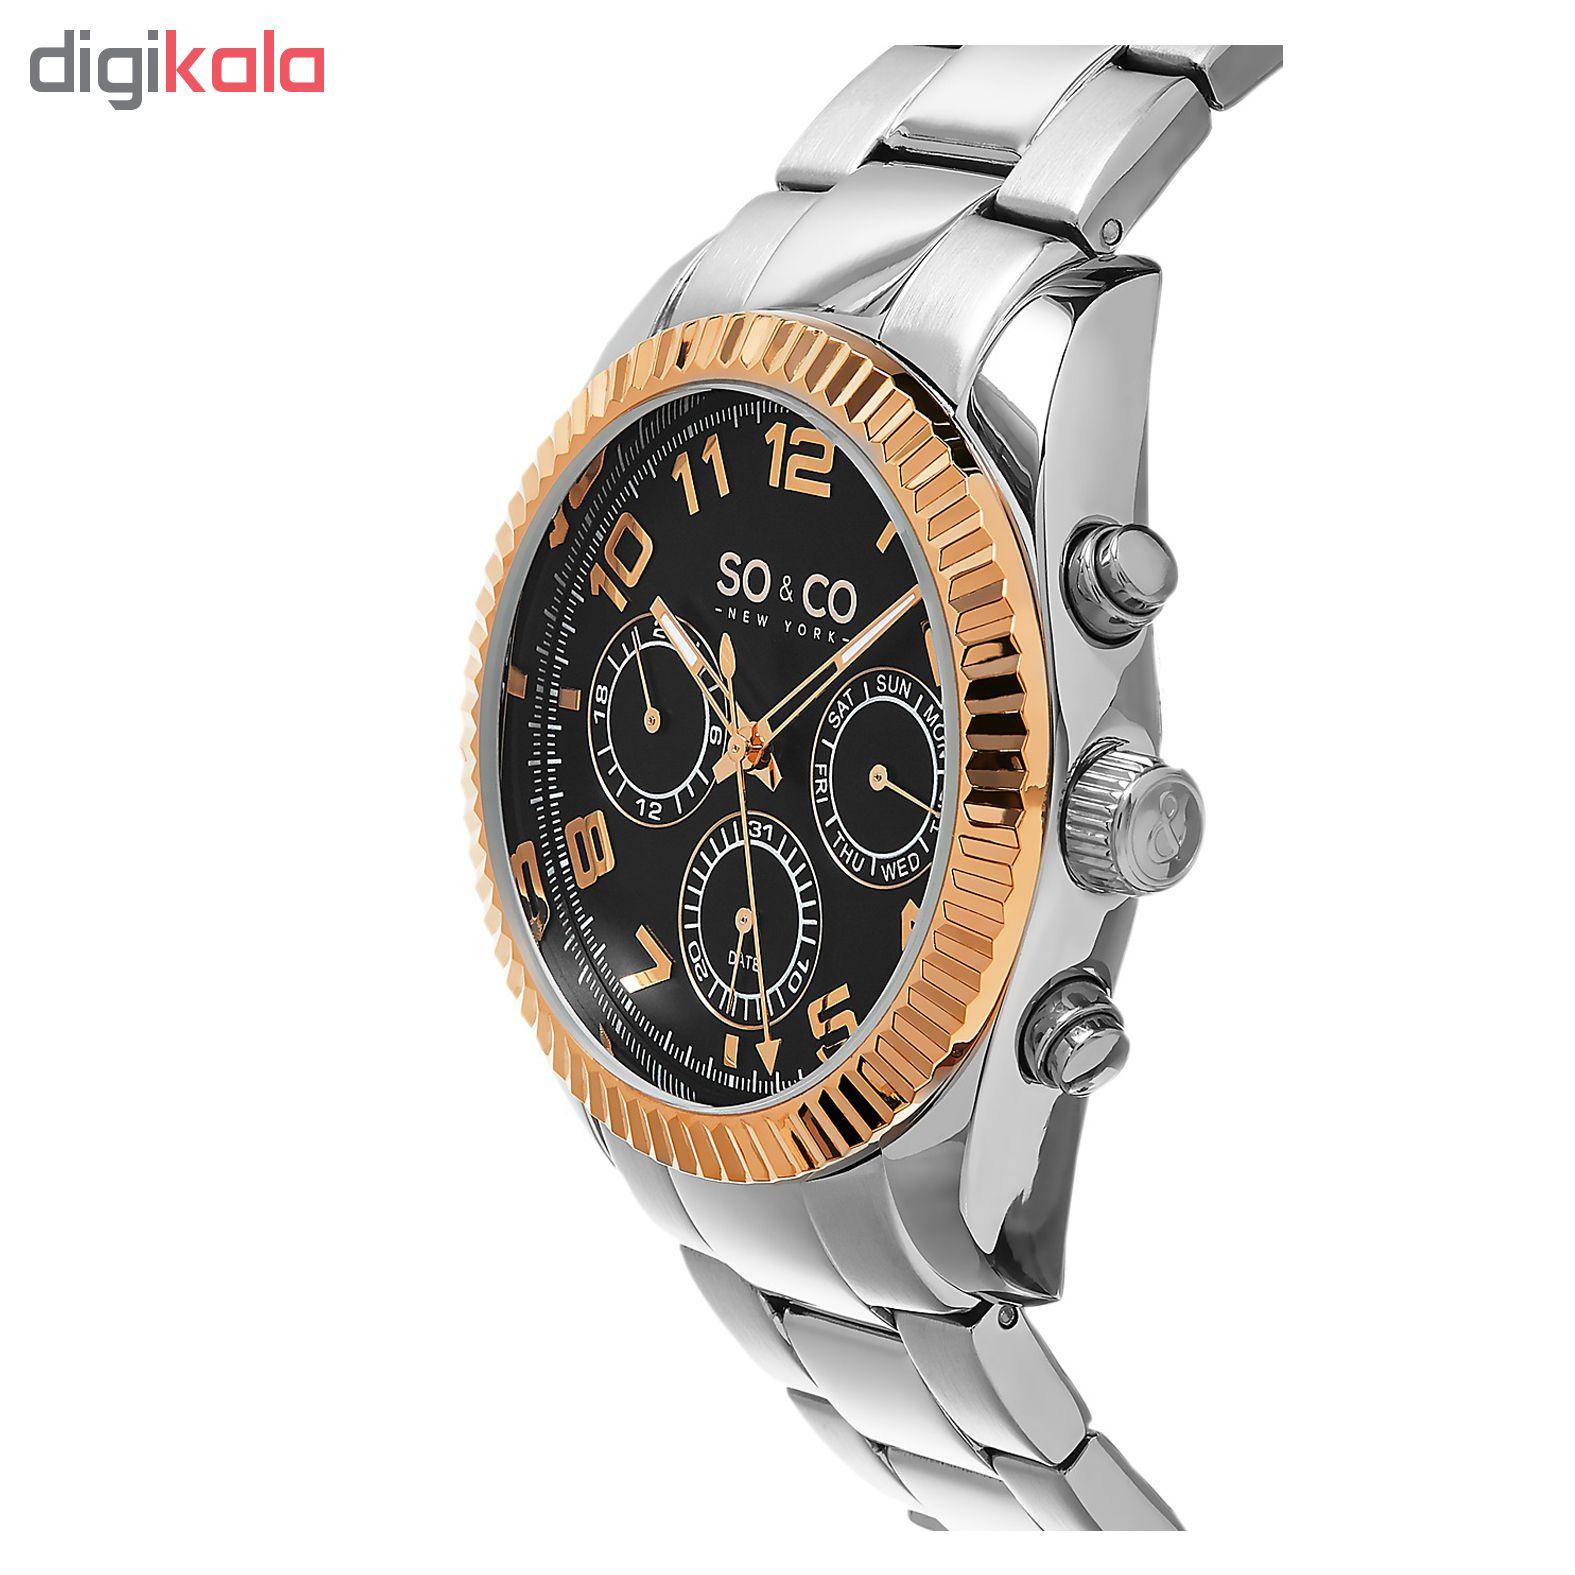 خرید ساعت مچی عقربه ای مردانه سو اند کو مدل 5009.5